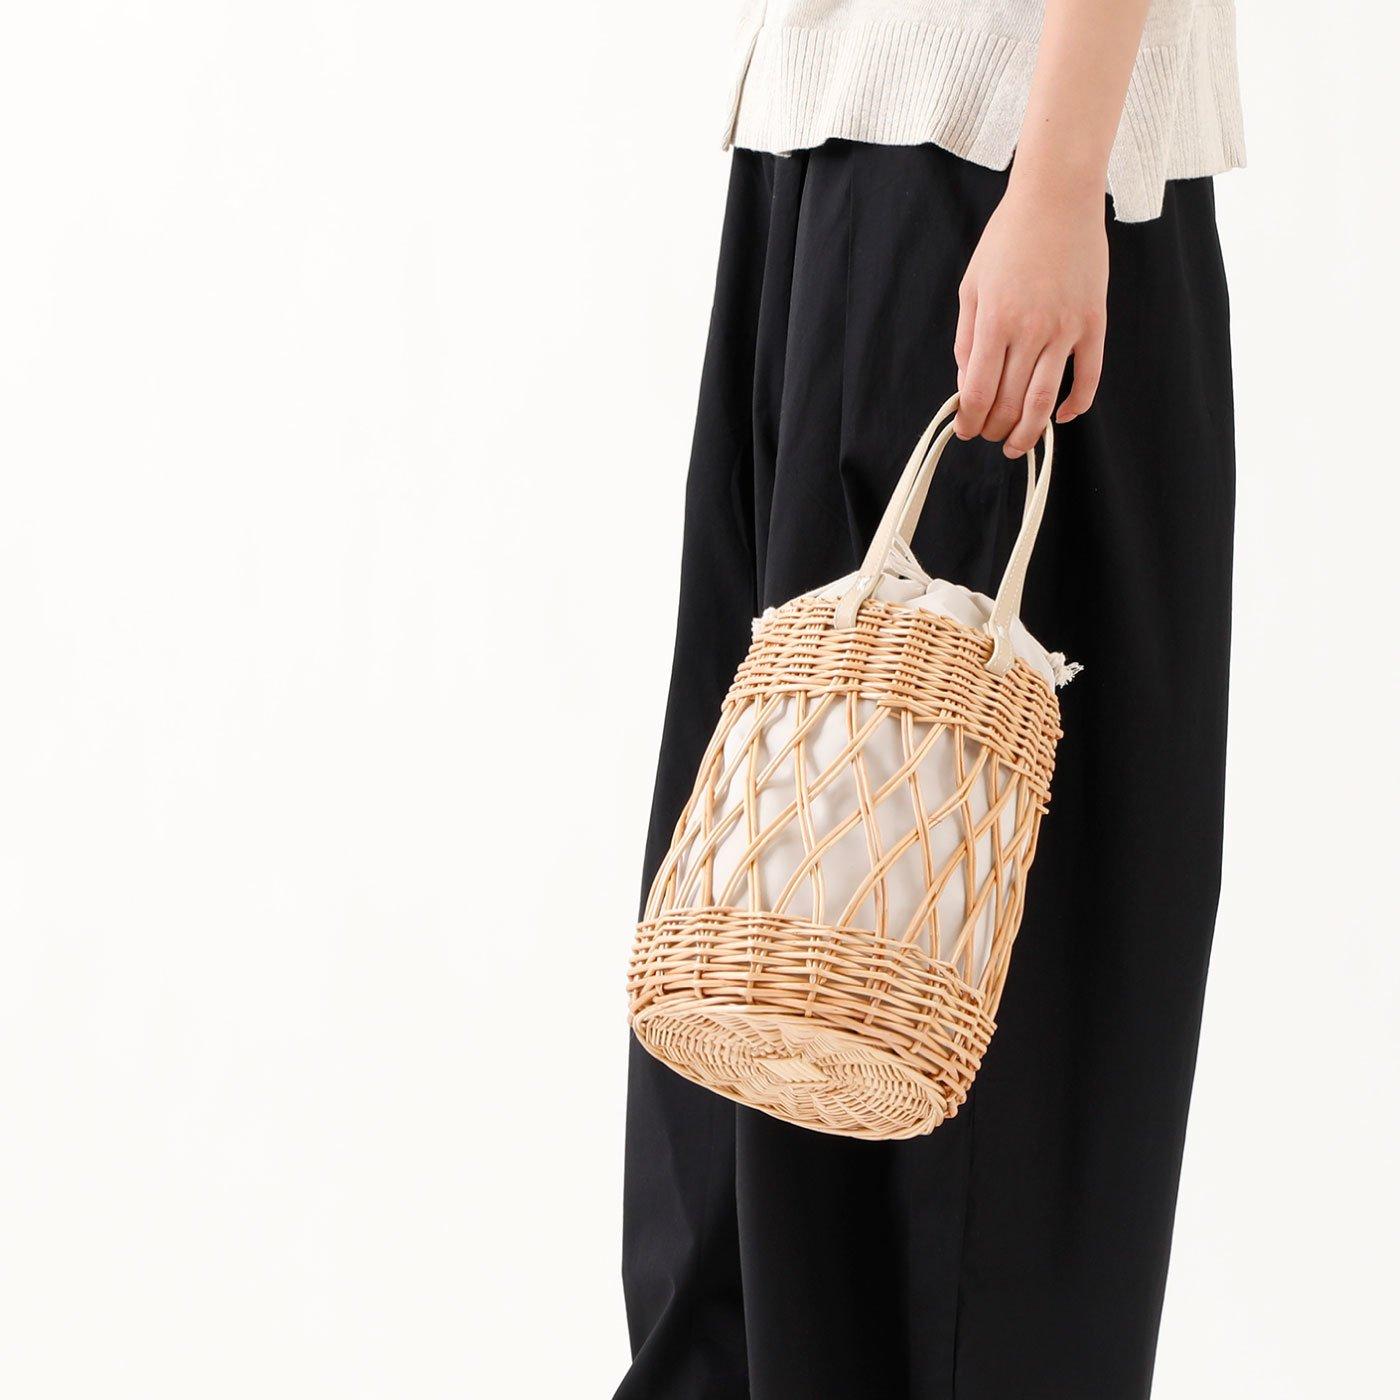 持つだけでかわいい編み柳巾着バッグ